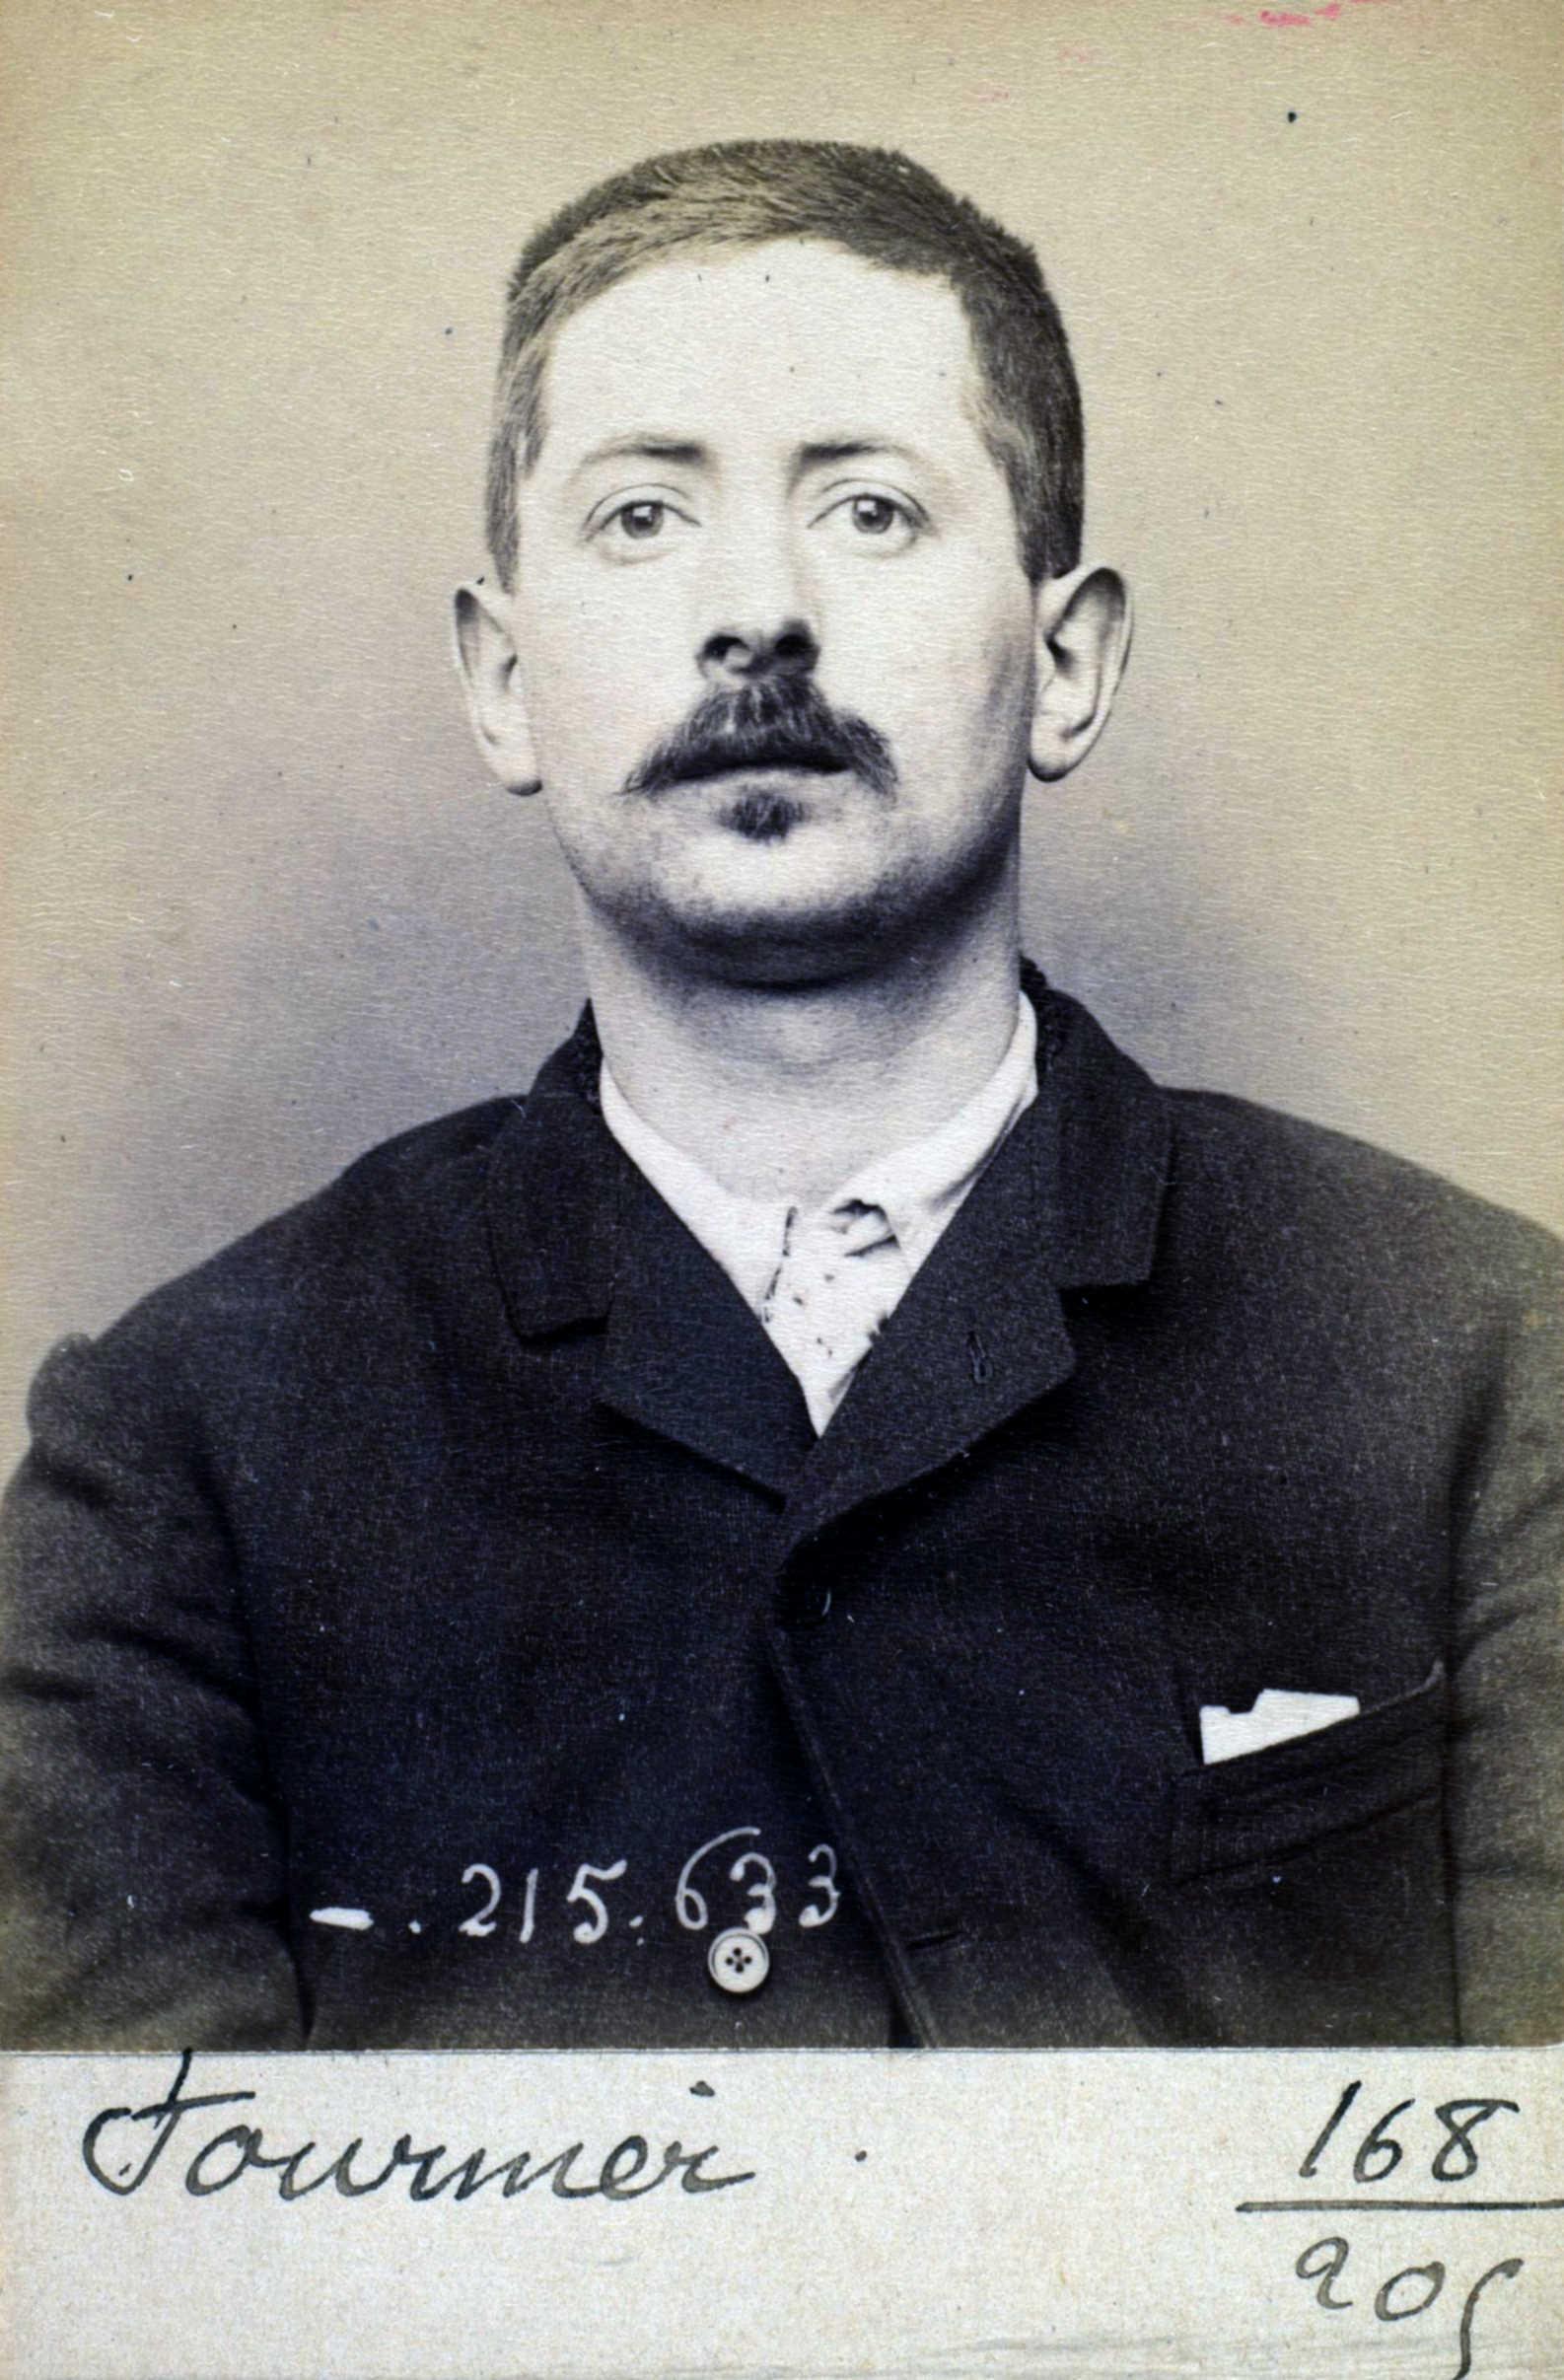 Foto policíaca d'Émile Fournier (13 de març de 1894)